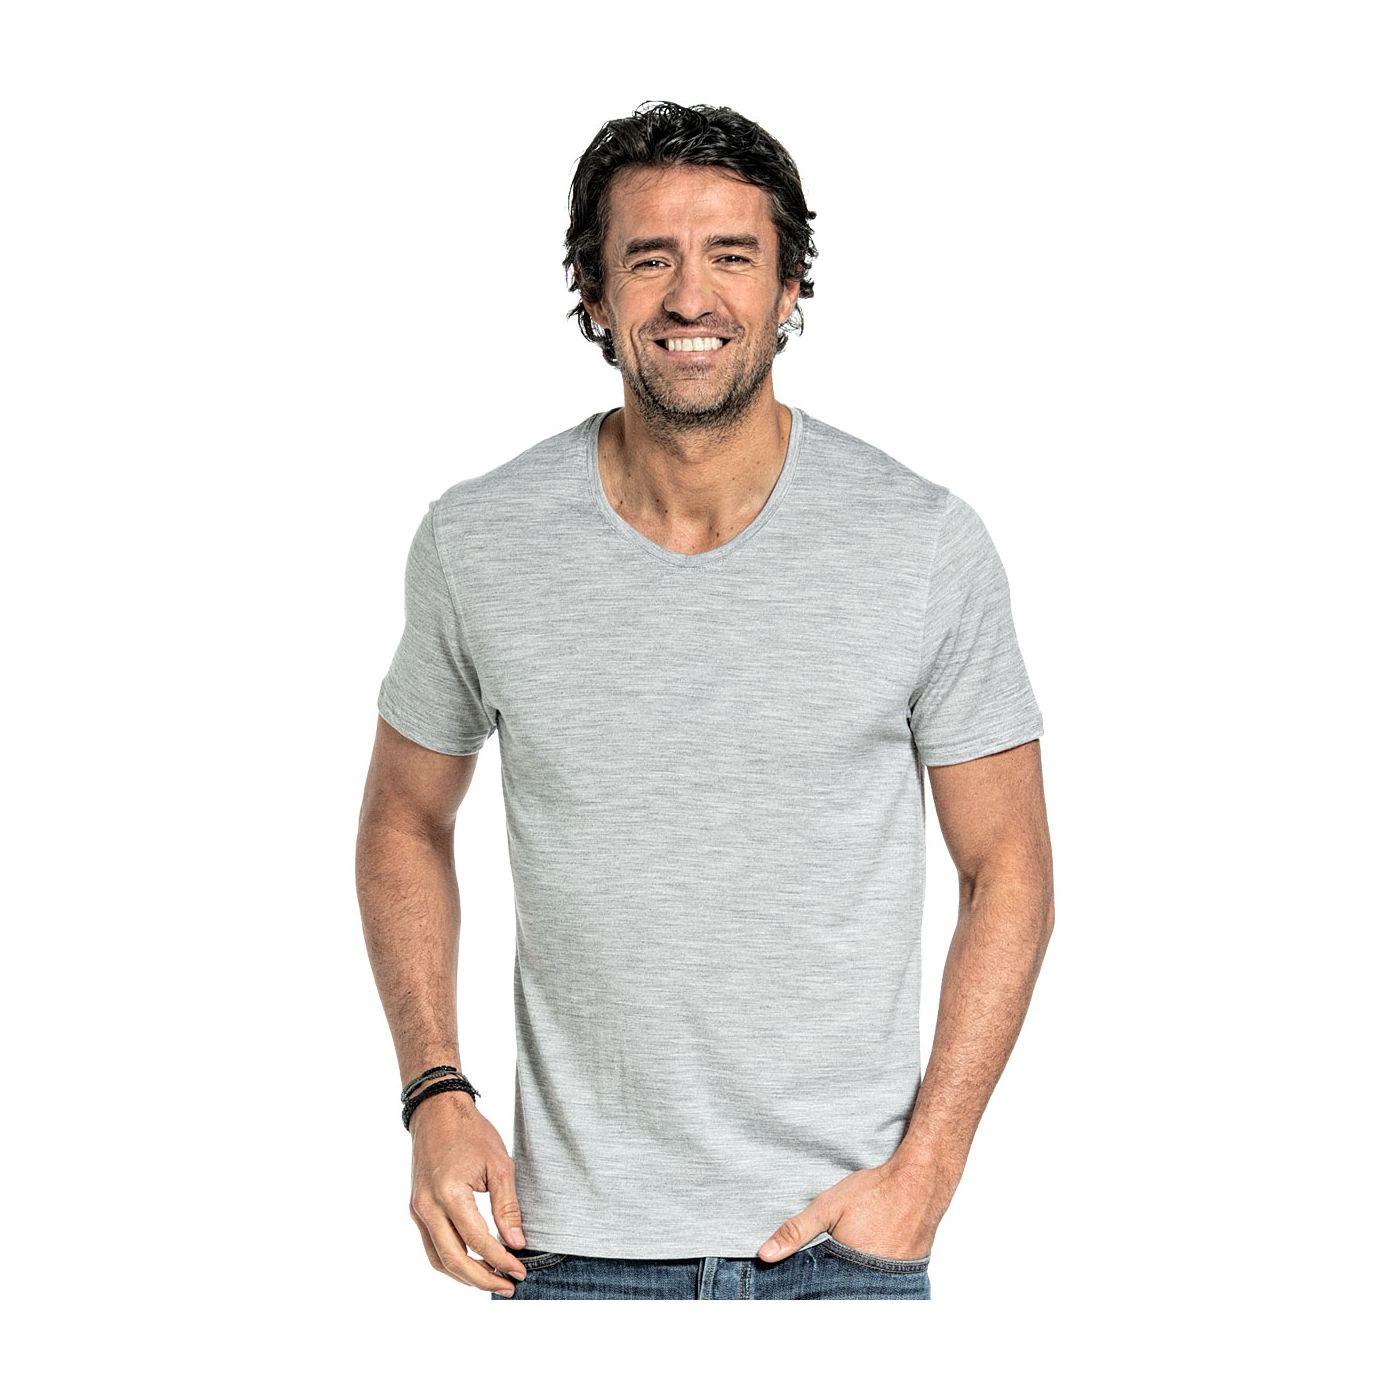 T-shirt met V hals voor mannen gemaakt van merinowol in het Lichtgrijs